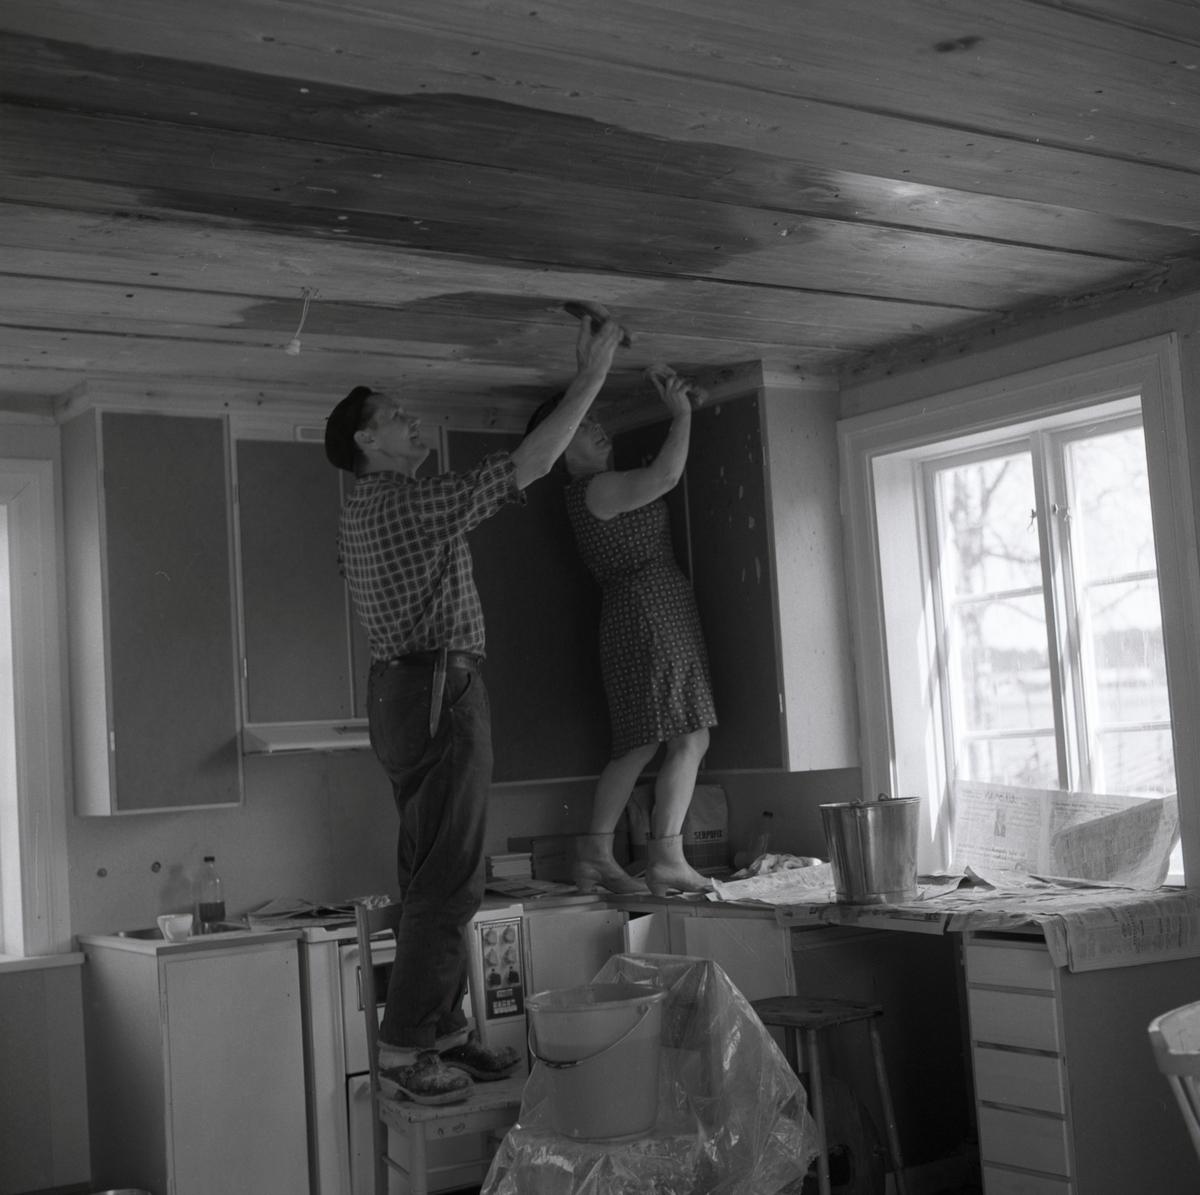 Hilding och hans fru skurar taket i köket vid gården Sunnanåker, 1967-1968.